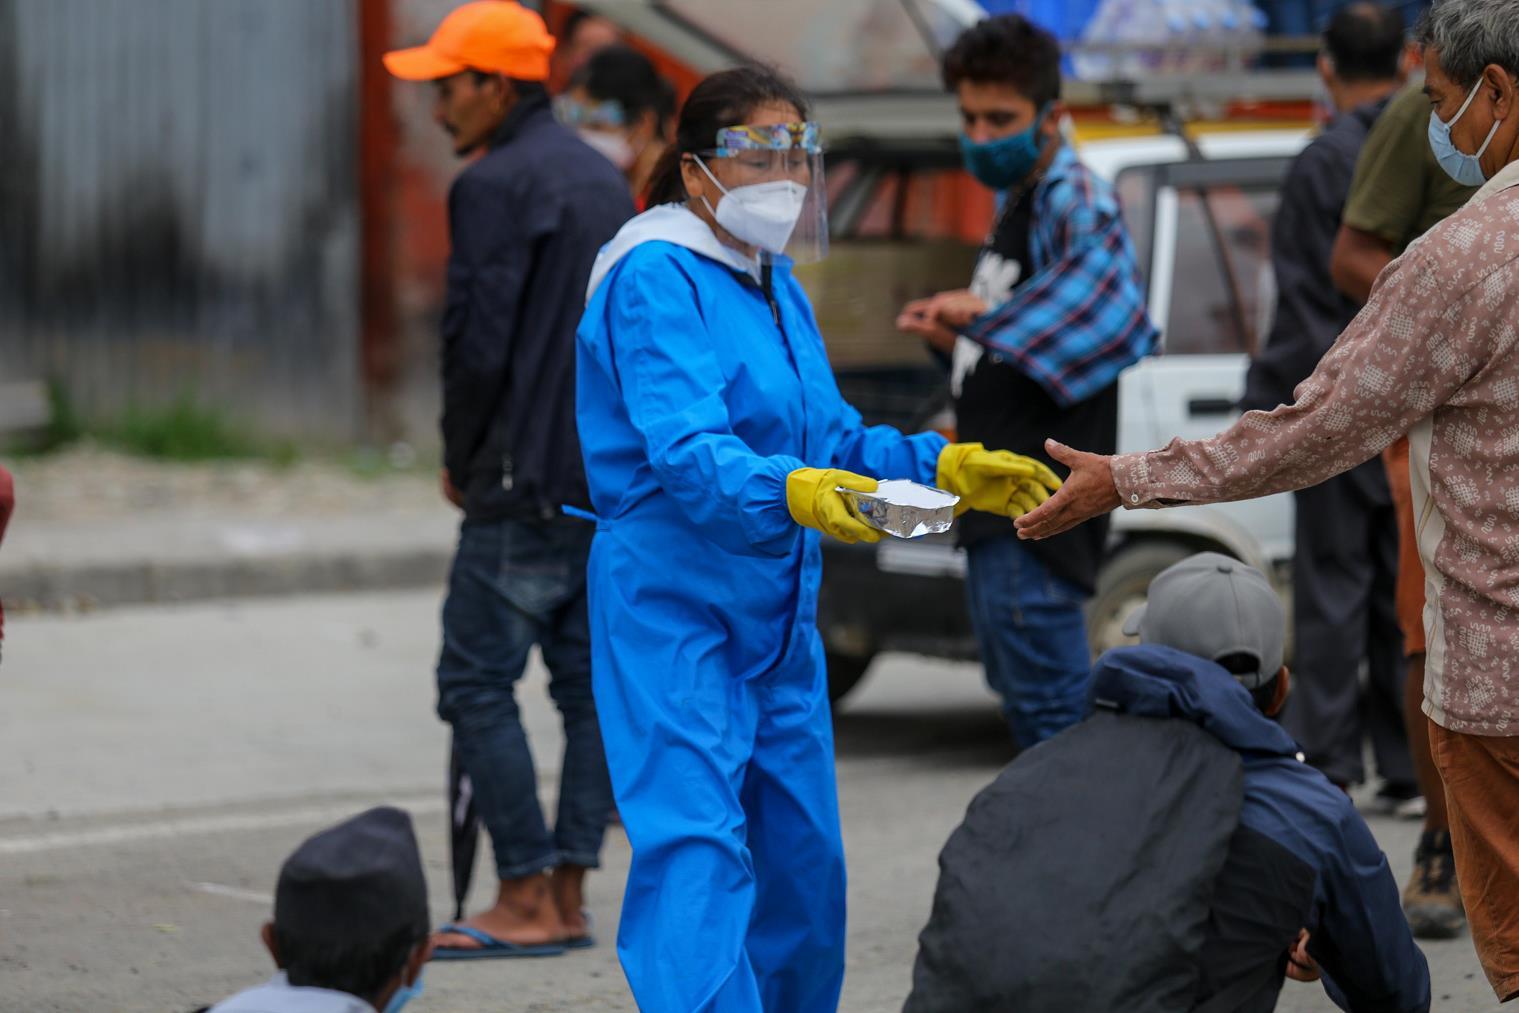 尼泊尔新增1120例新冠肺炎确诊病例 累计确诊41649例